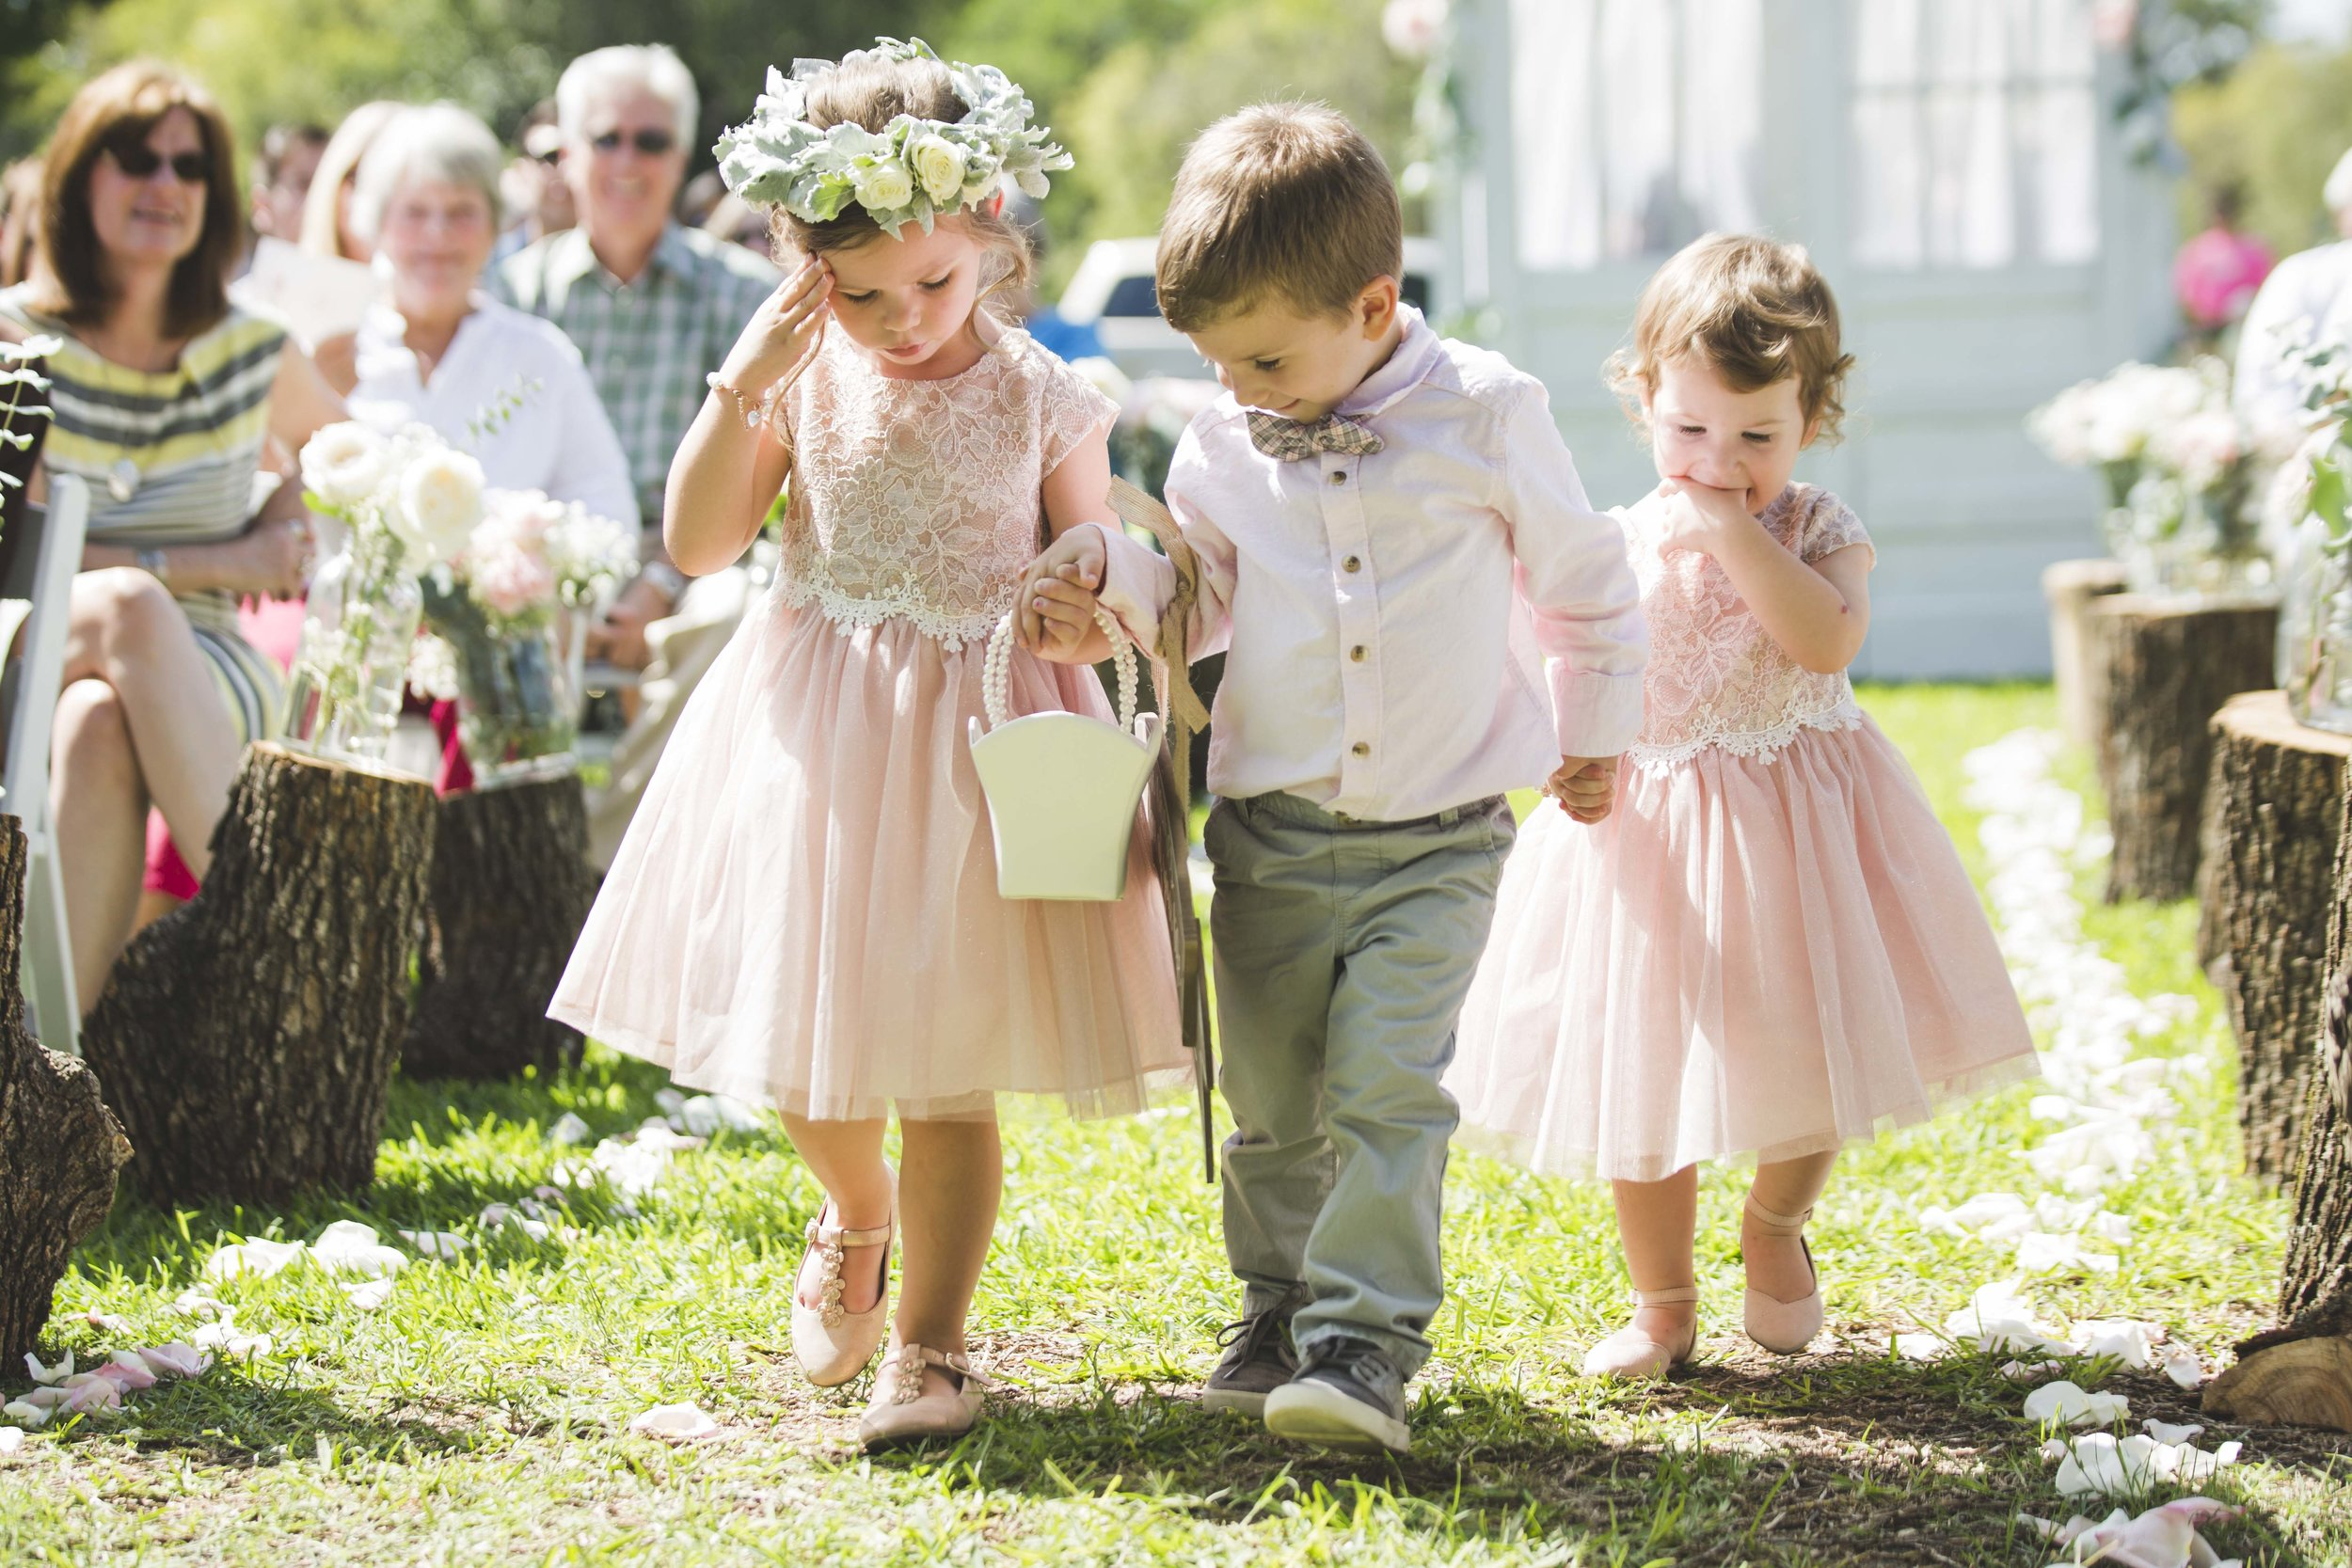 ATGI_Susanna & Matt Wedding_717A7544.jpg